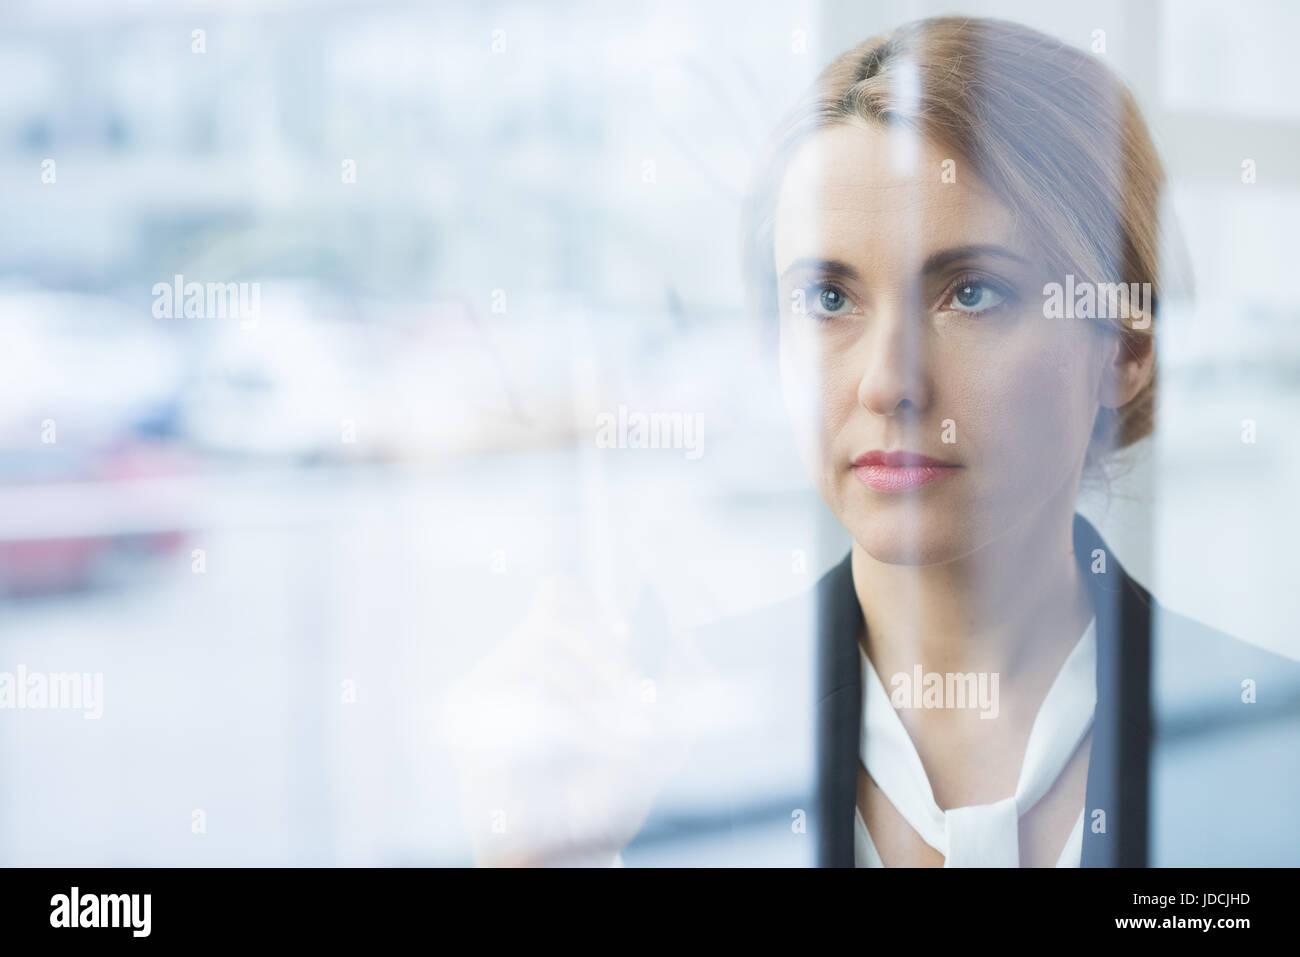 Ritratto di pensieroso bionda imprenditrice in abbigliamento formale guardando attraverso il vetro Immagini Stock